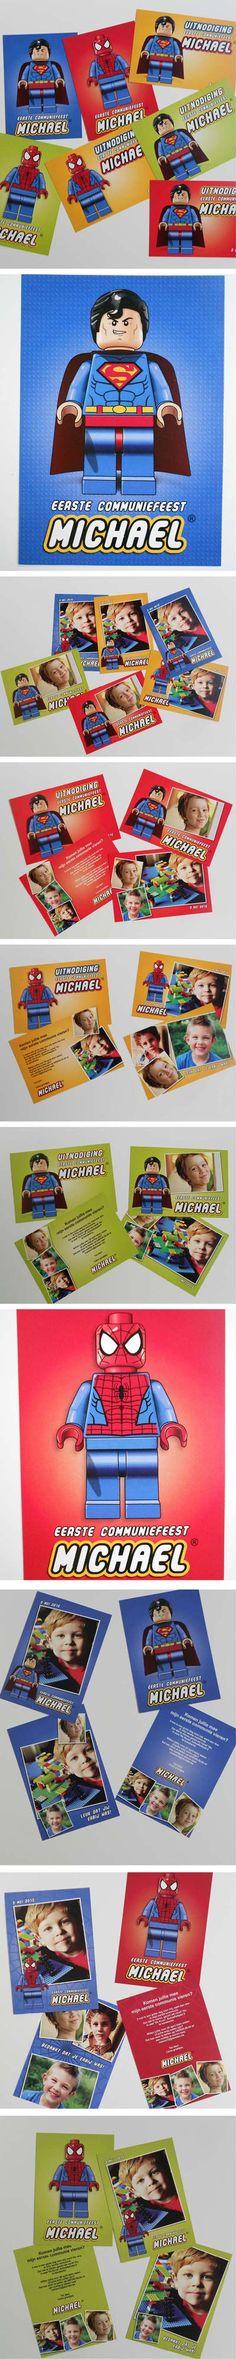 #Lego #communiekaarten #superman #spiderman. Bezorg foto's en tekst. Wij maken de #communiekaartjes. Proef via e-mail. Na goedkeuring leveren we drukwerk.  http://www.kaartencollectie.be/nl/communiekaart-lego-superhelden-1047.htm